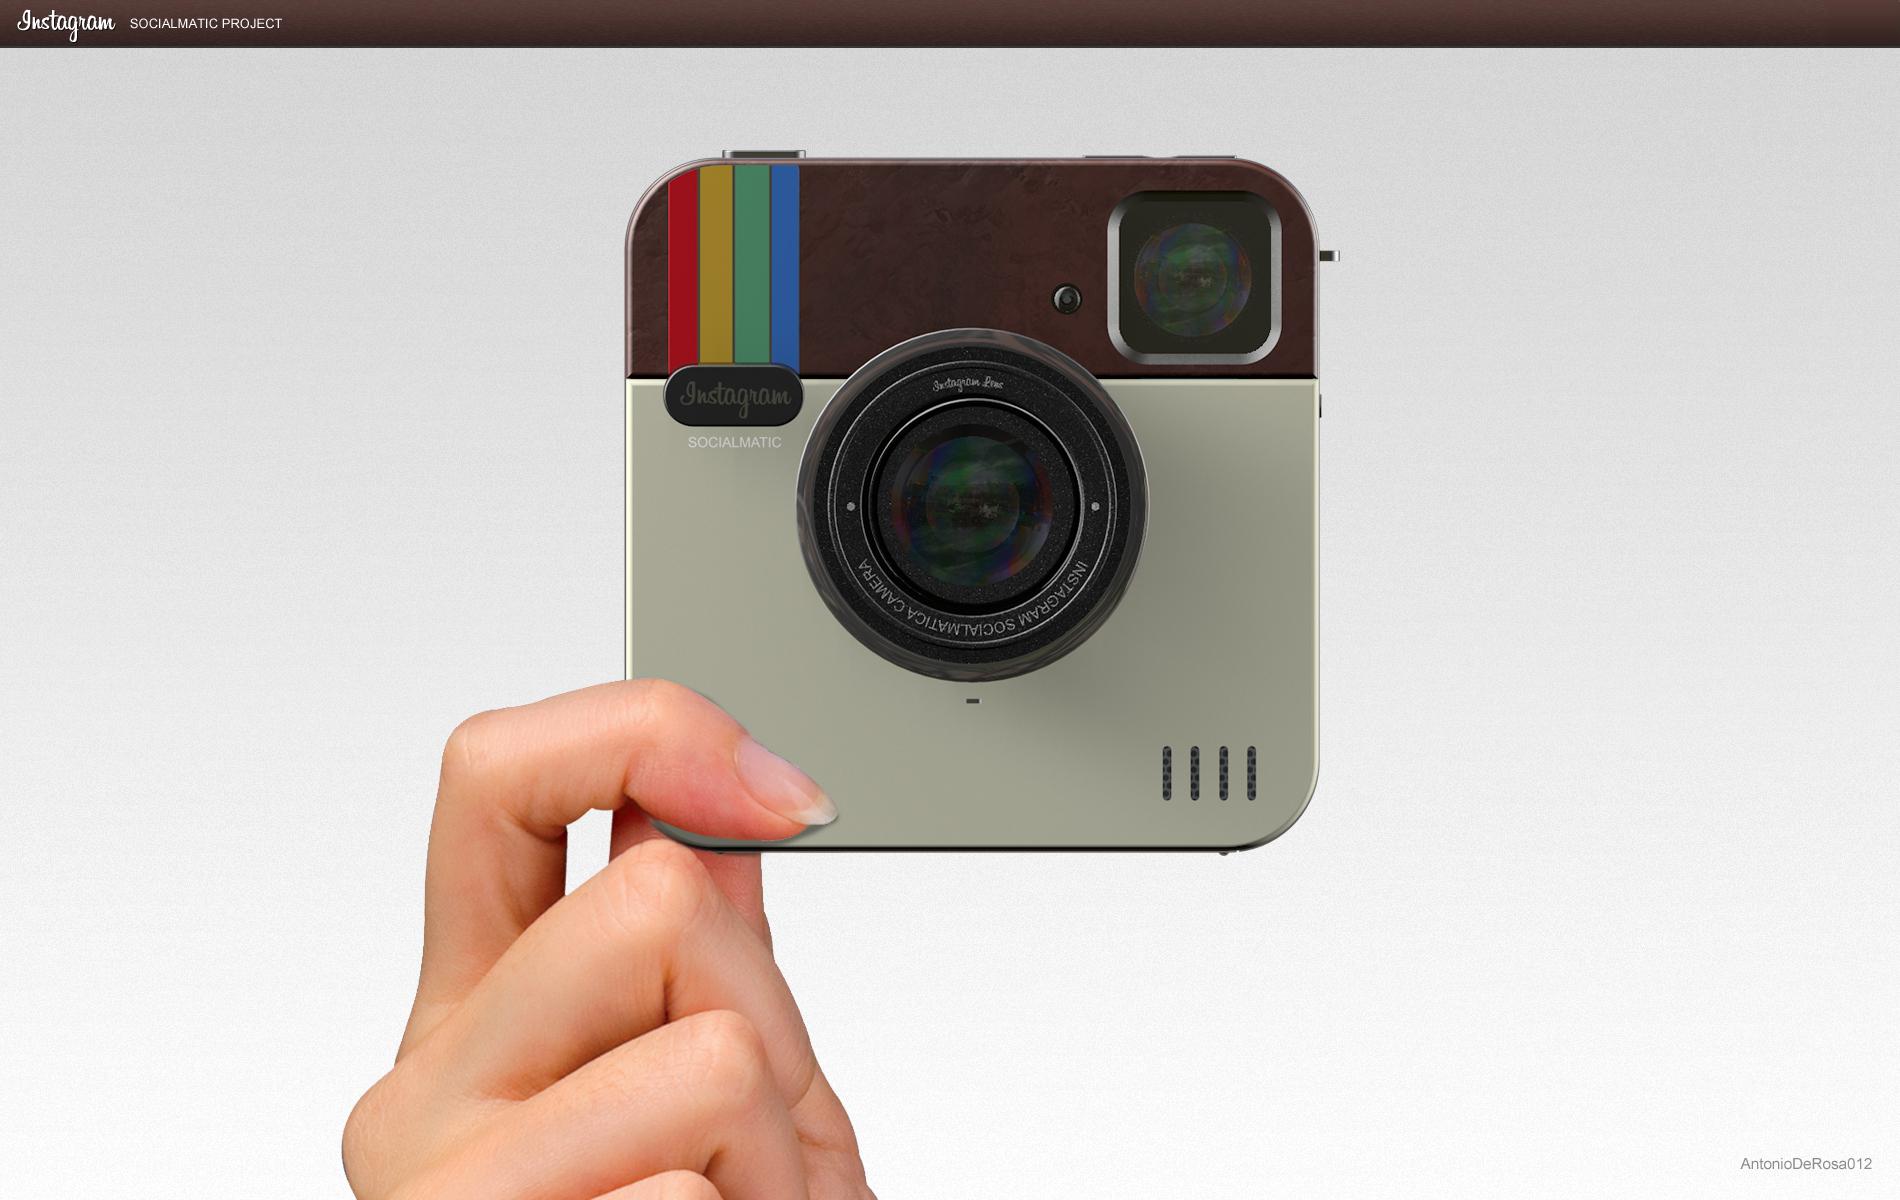 On ne prends pas tout, mais l idée et le form factor, qui combinent un mini  appareil photo connecté avec imprimante, restent séduisants ! bfe44971a9ff